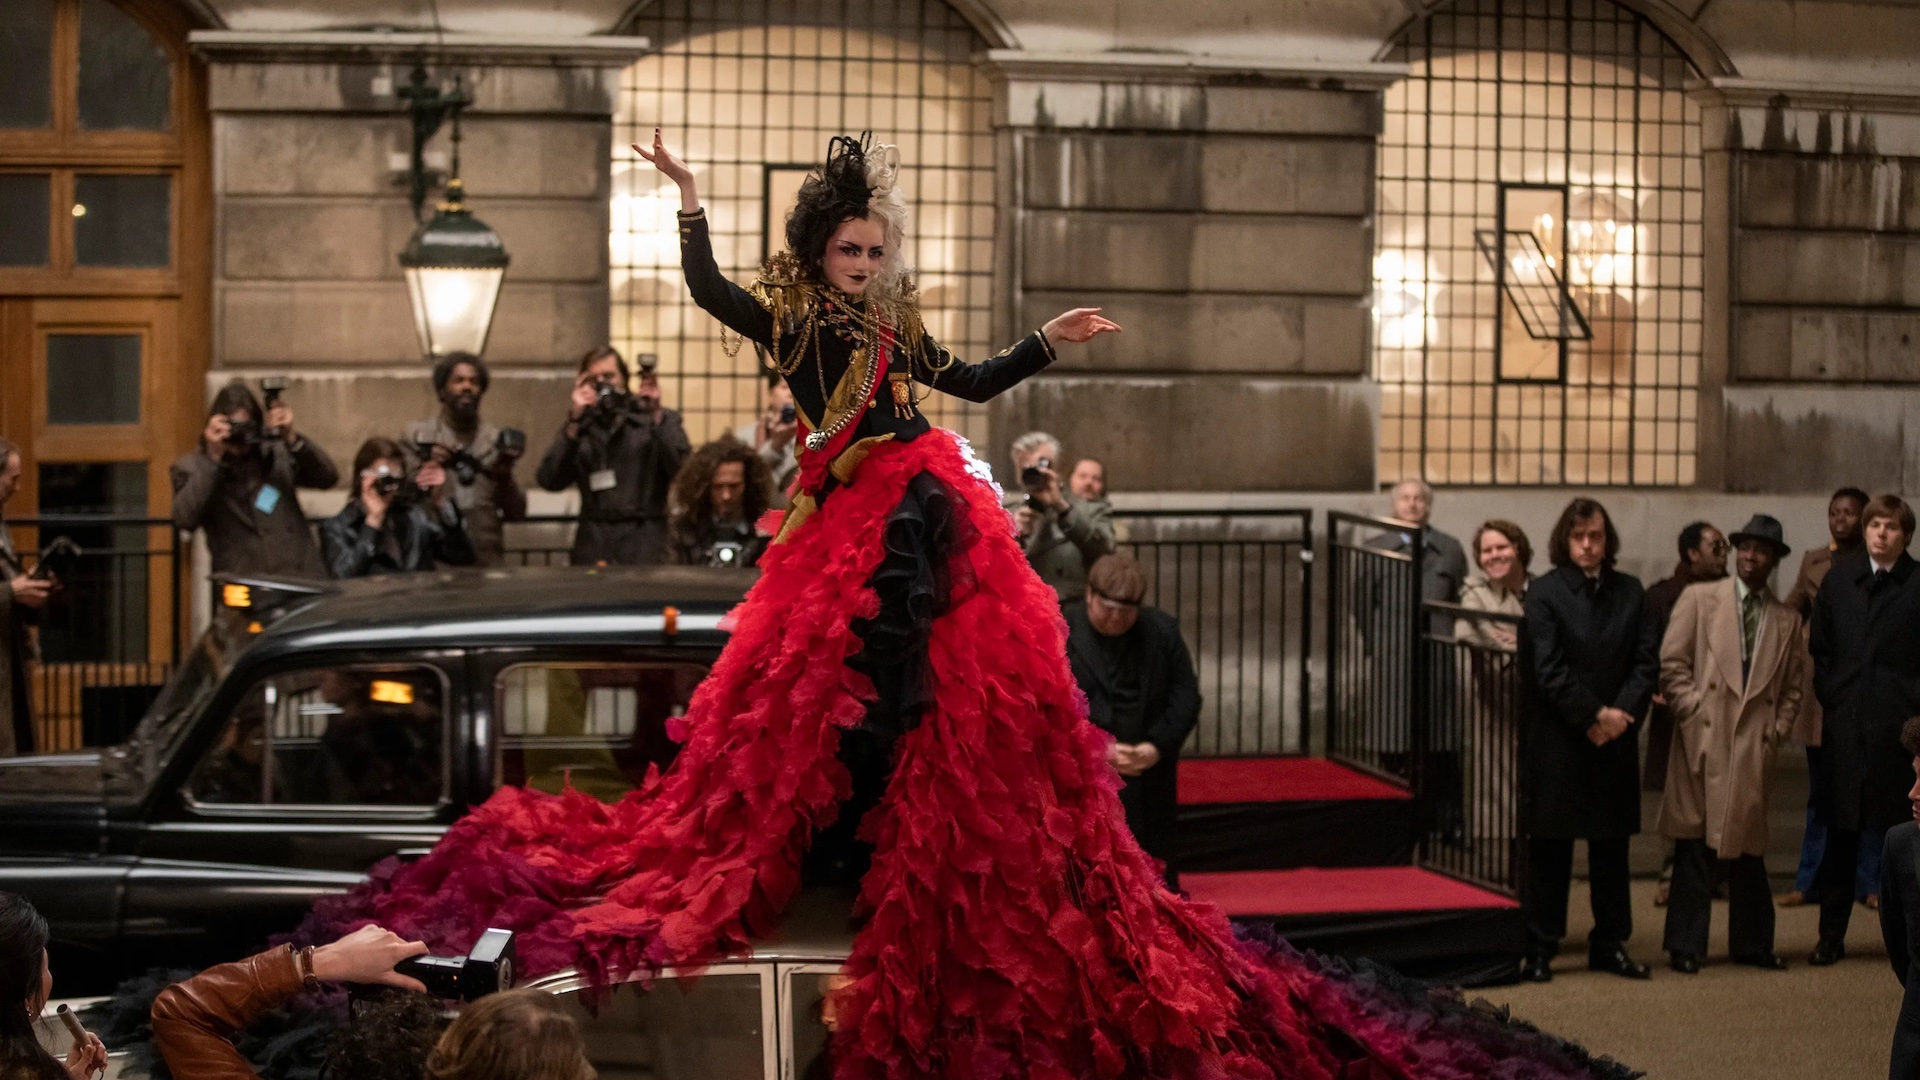 En mayo estrena la película Cruella en cines y Disney Plus. ¿Cómo verla?